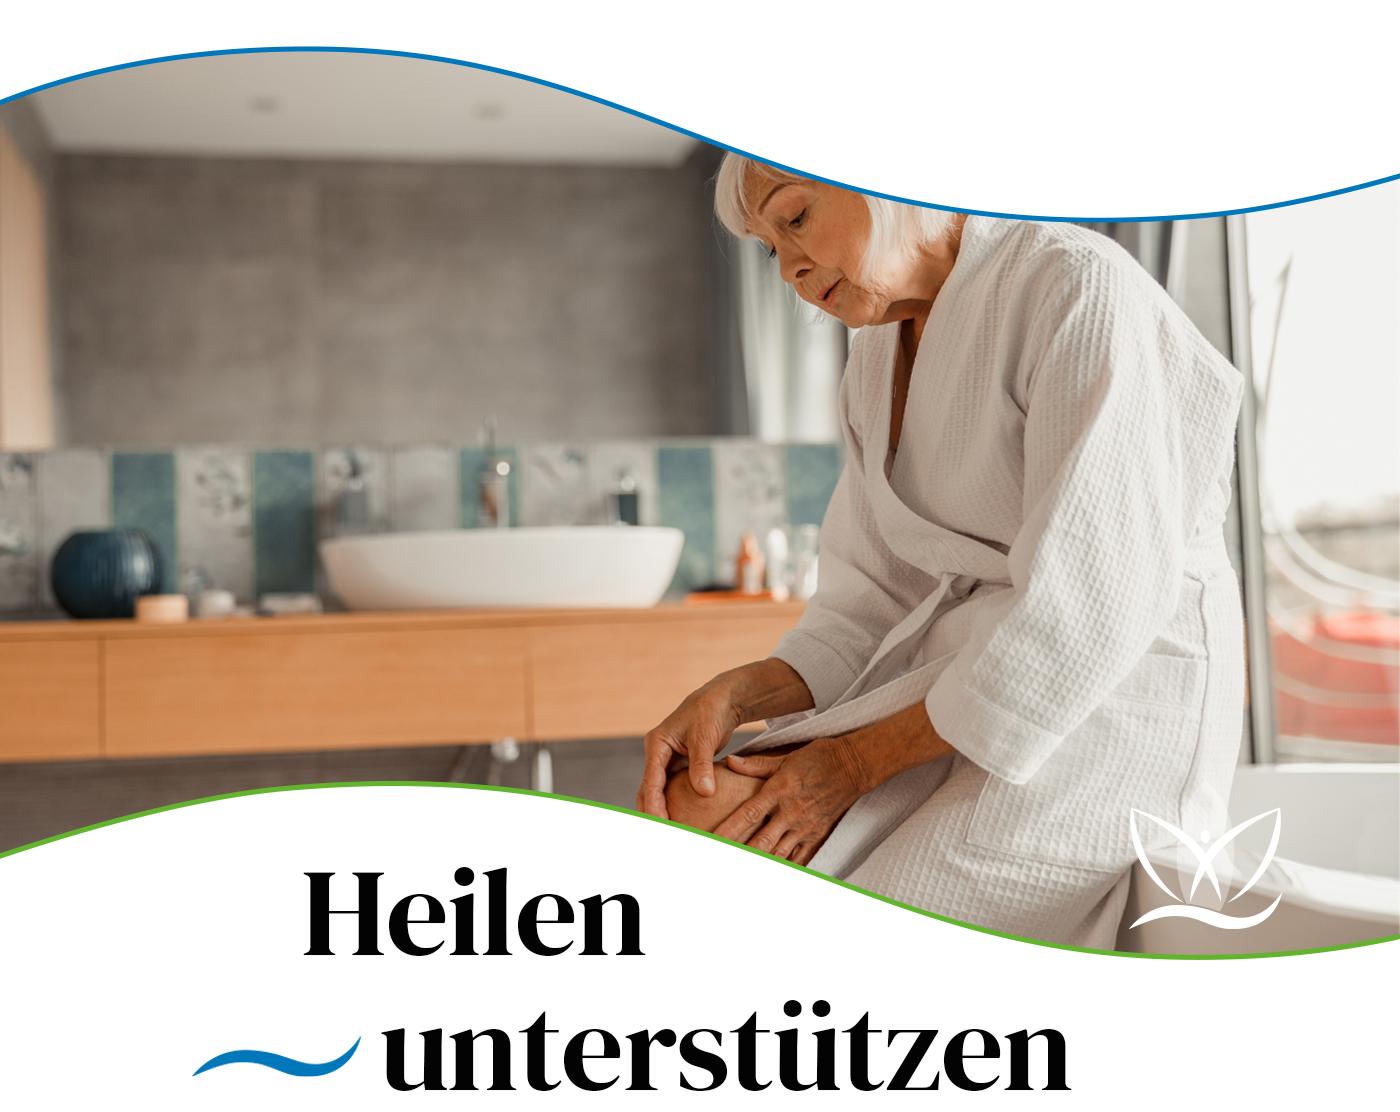 Das Badezimmer unterstütz bei Krankheiten